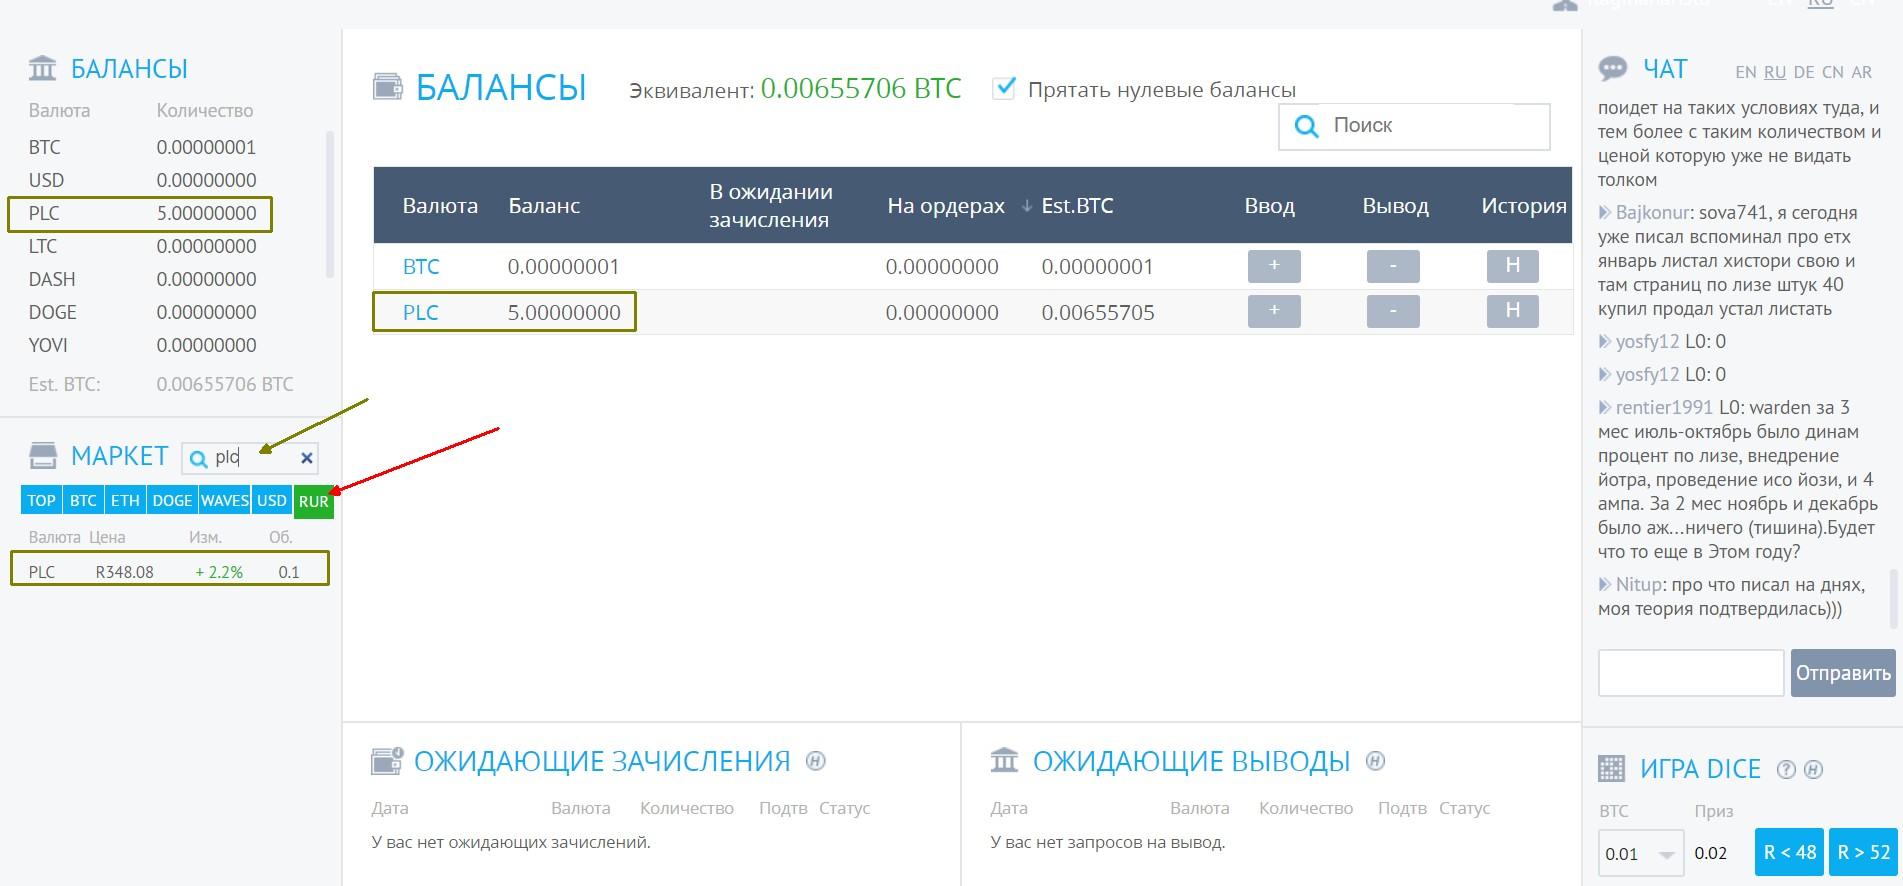 Как продать PLC на бирже за рубли